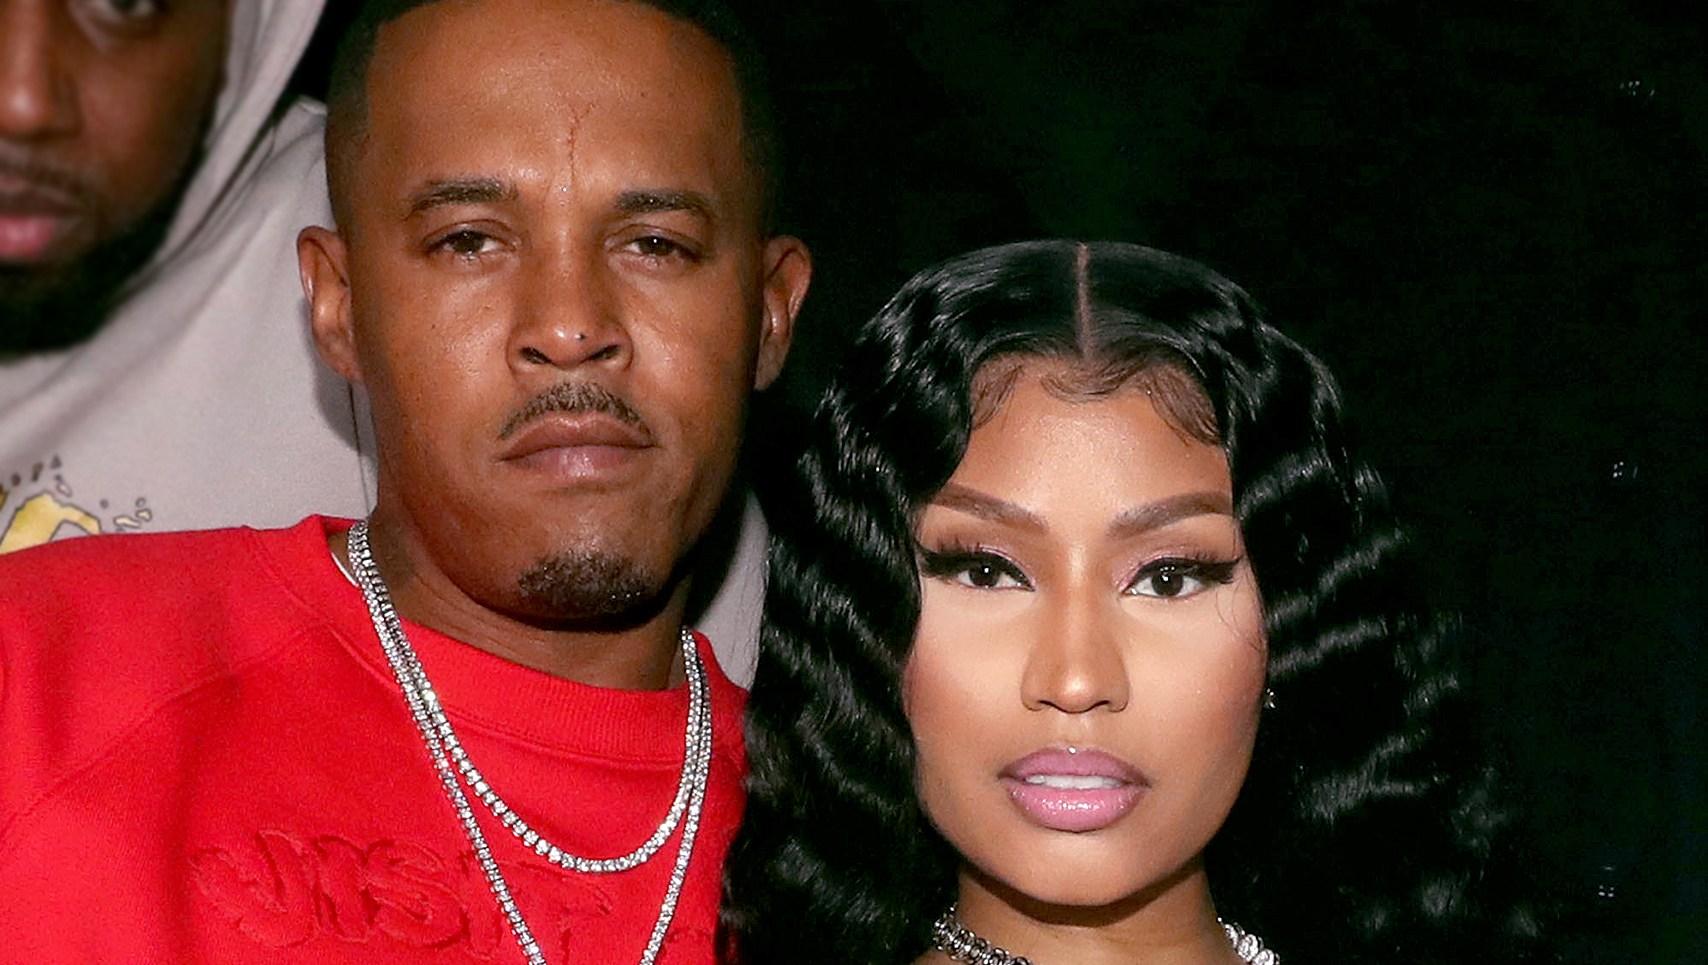 Hold Up! Did Nicki Minaj Secretly Marry Sex Offender Boyfriend Kenneth Petty?